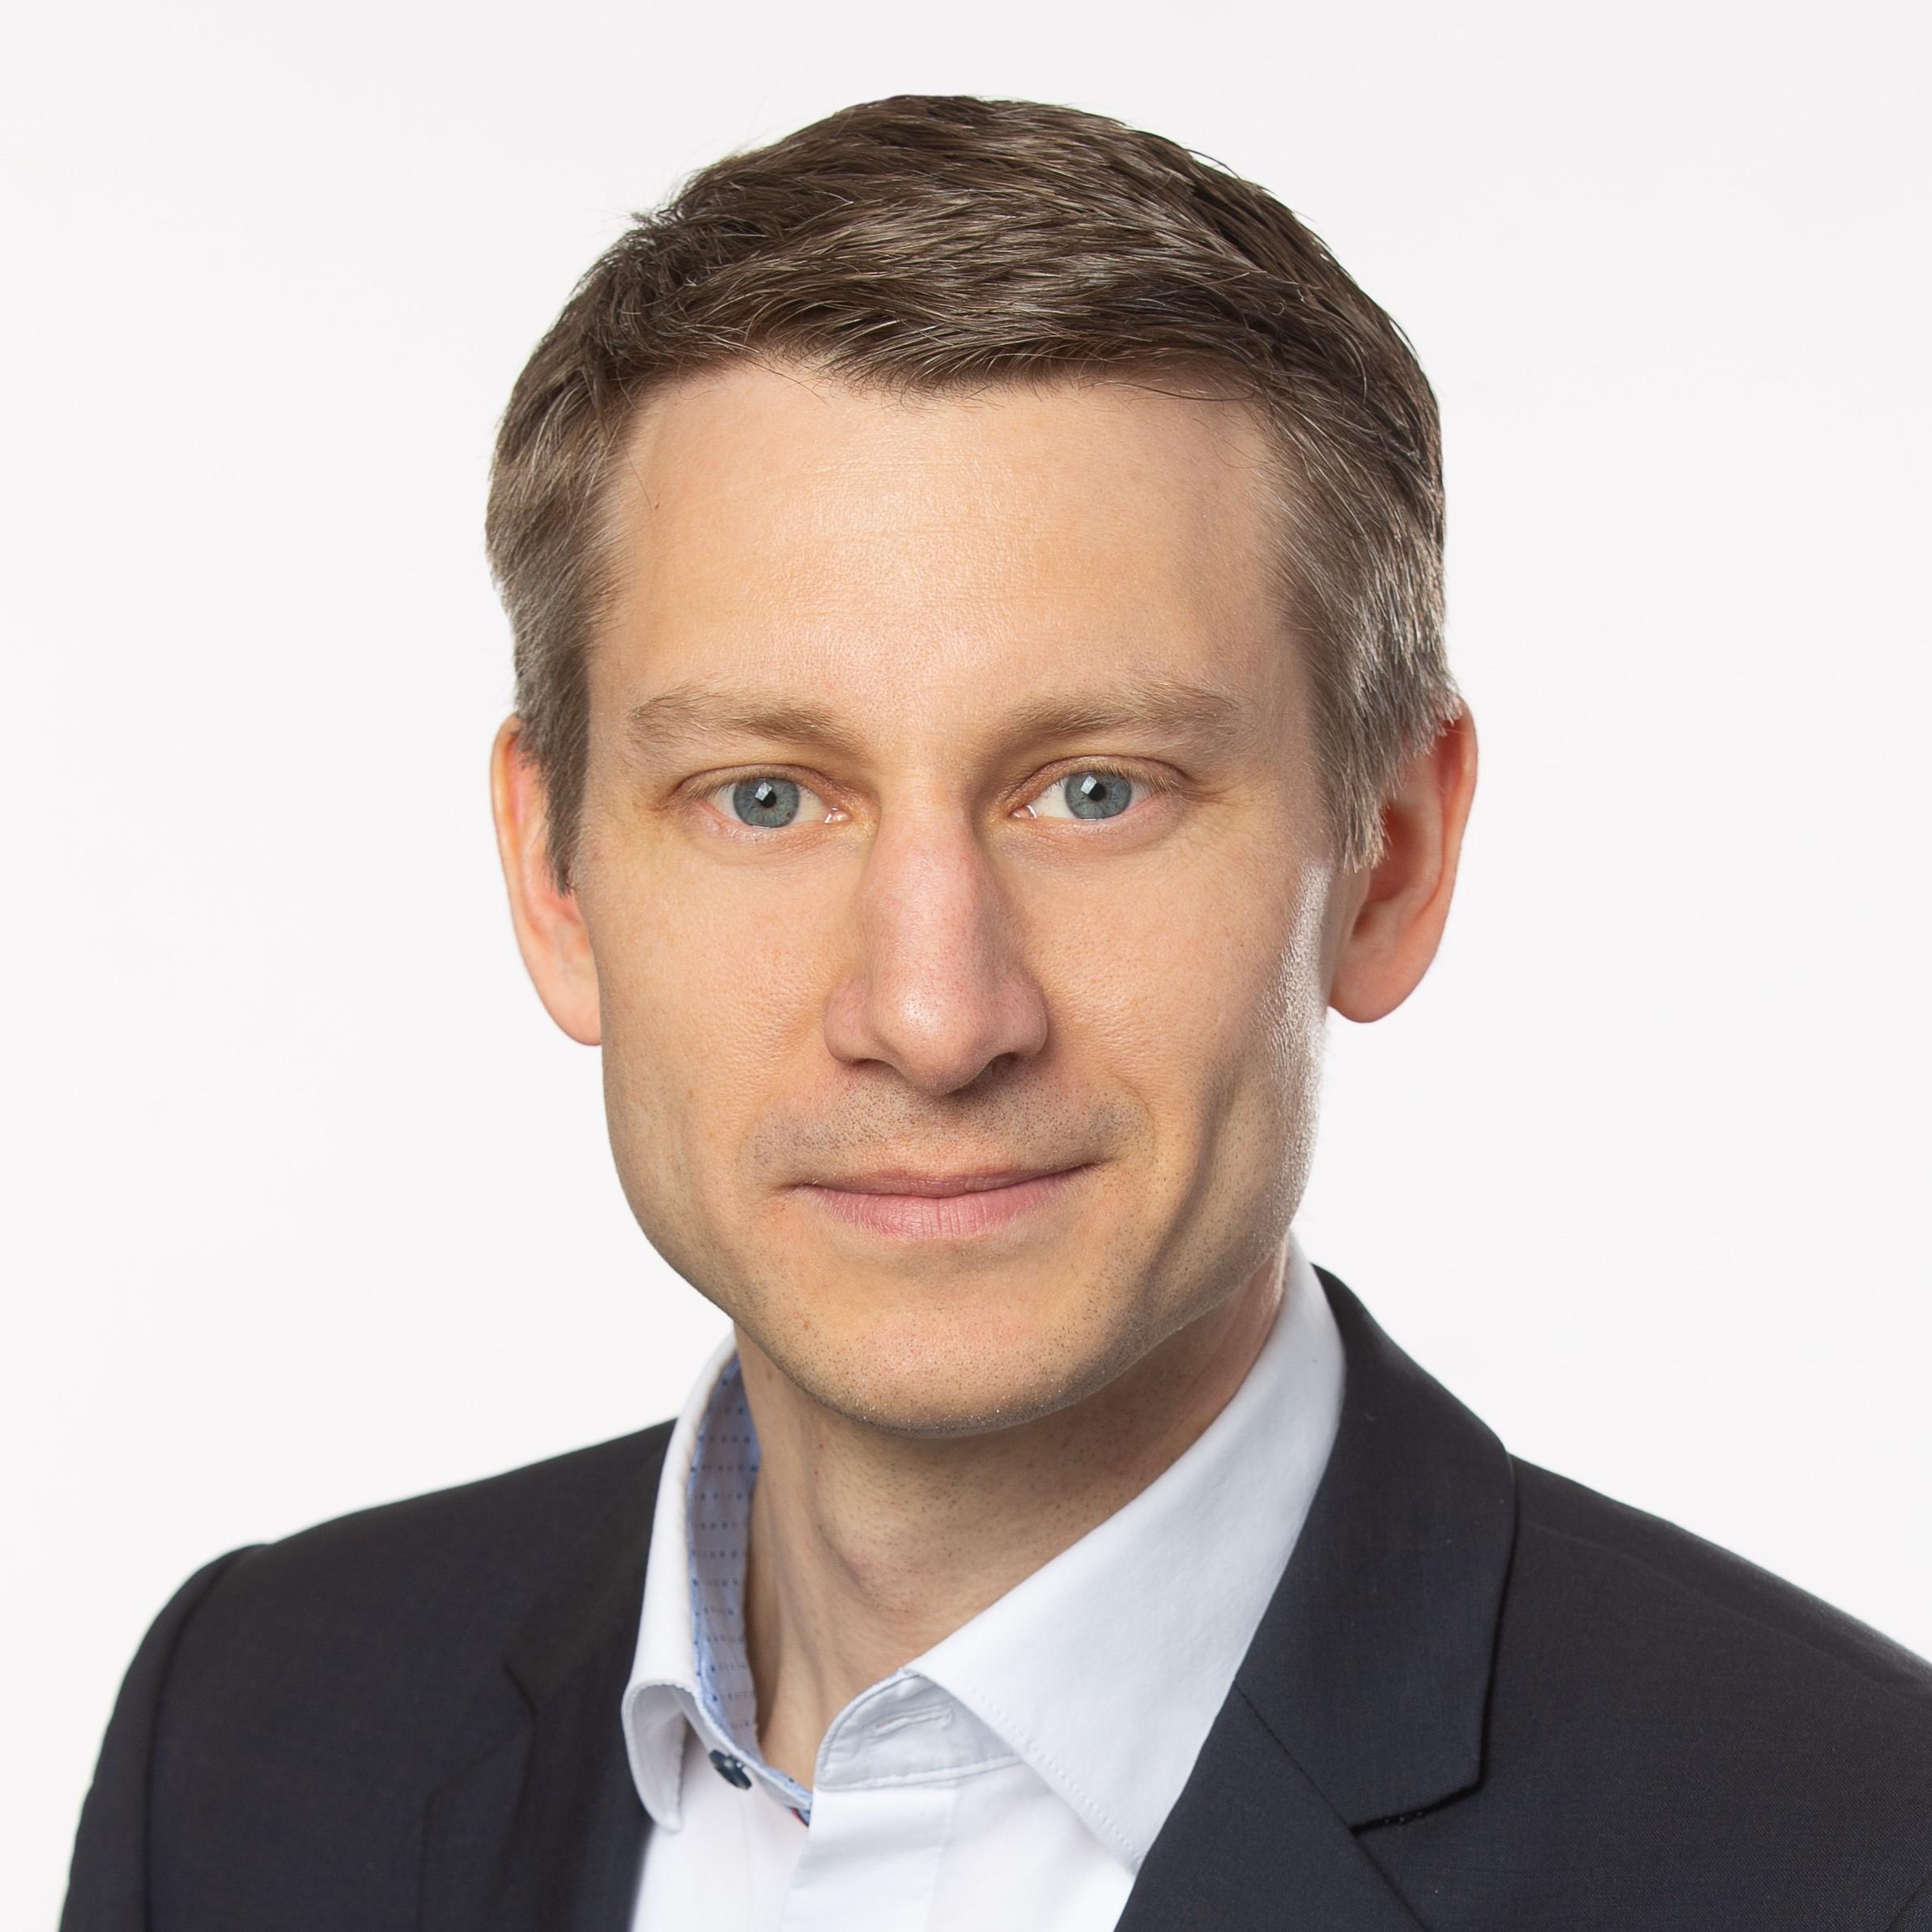 Jan Strehmann über das BVerwG-Urteil zum ÖPNV